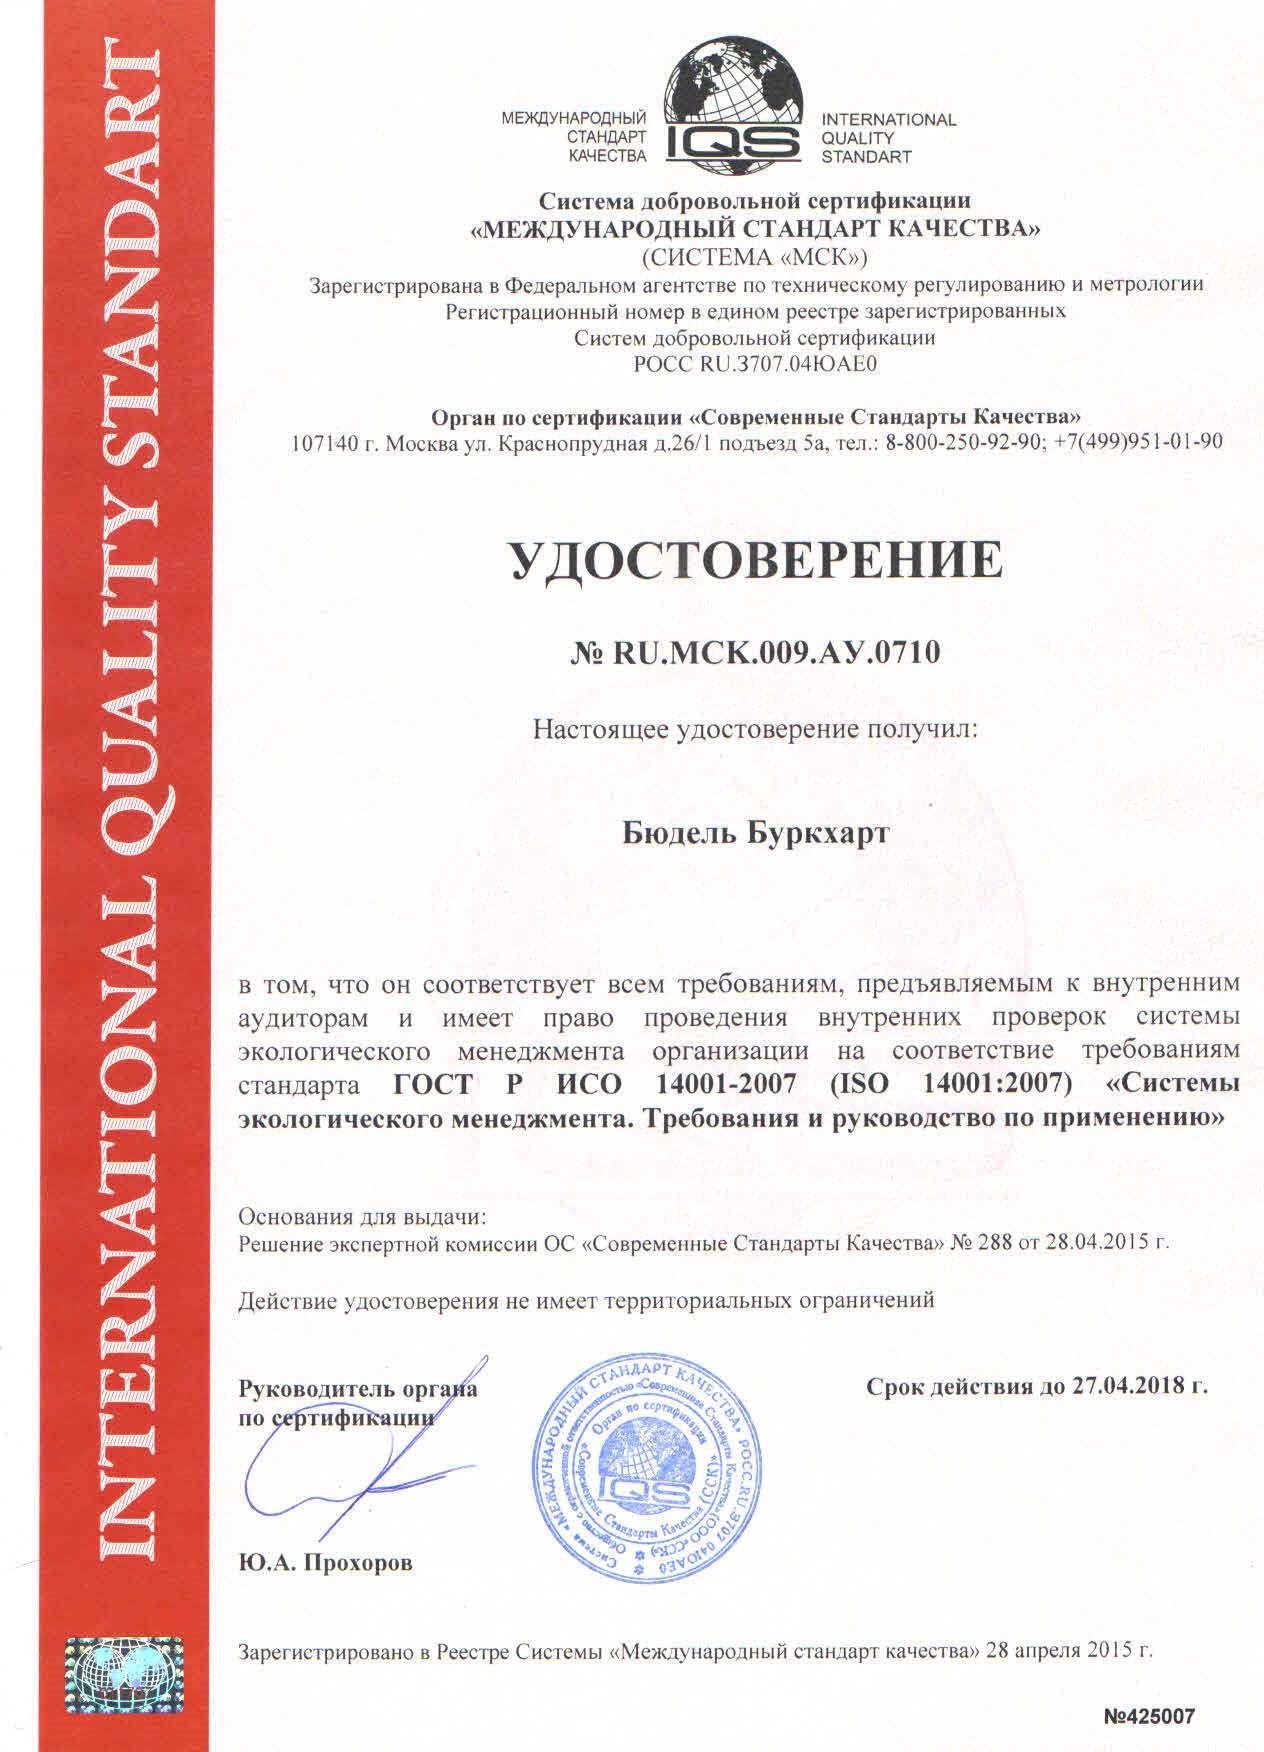 приложение к сертификат соответствия